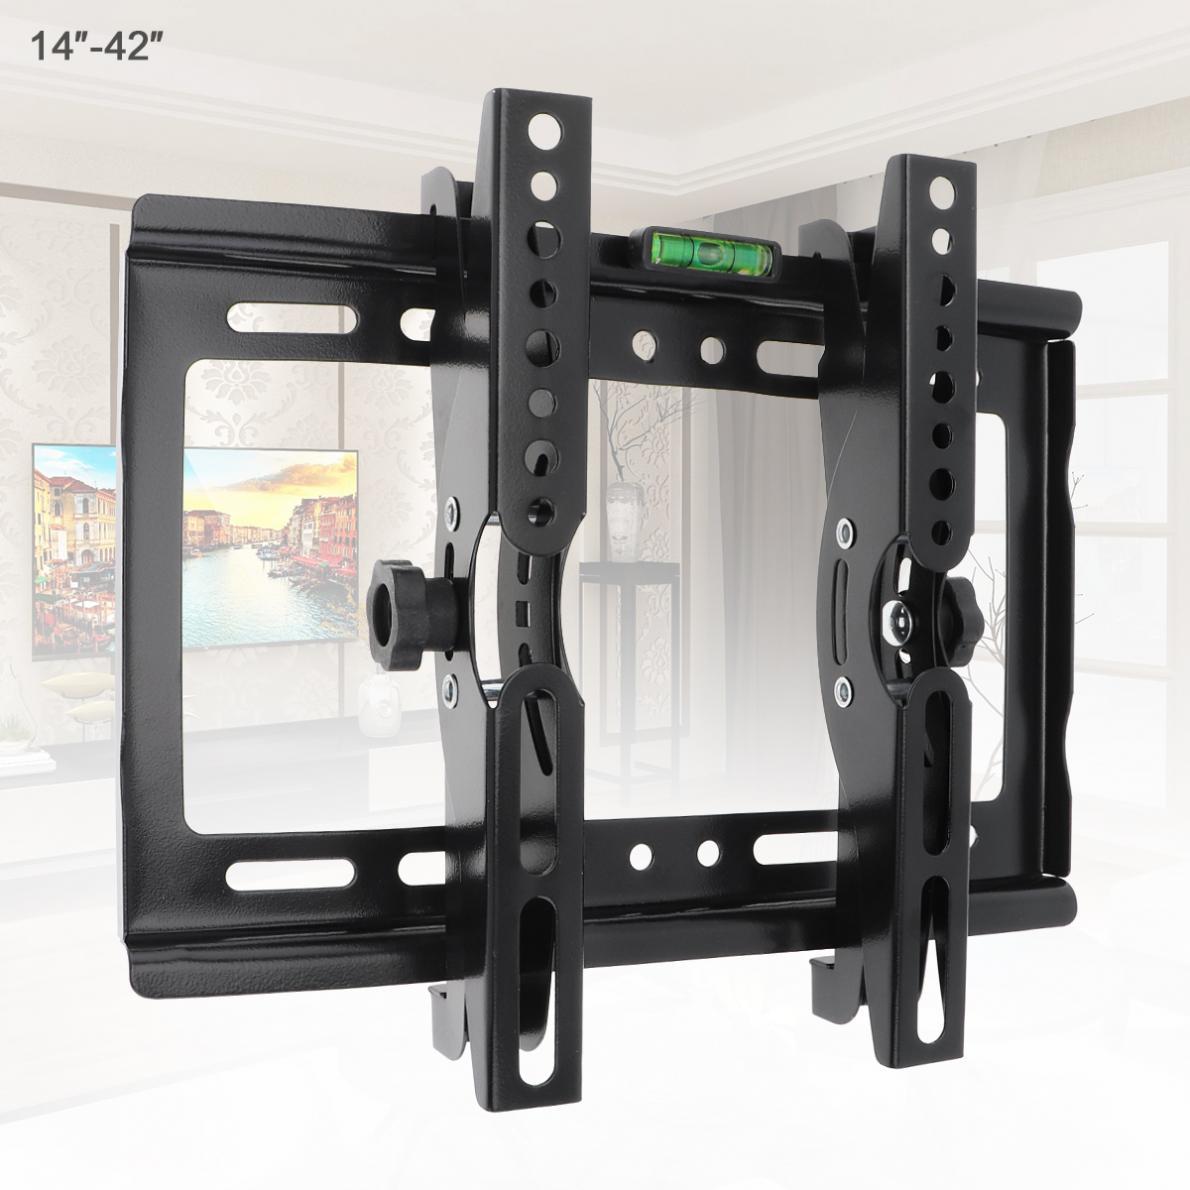 Support de montage mural TV universel réglable 45KG Support de Support TV inclinaison de 15 degrés pour écran plat LCD moniteur LED 14-42 pouces